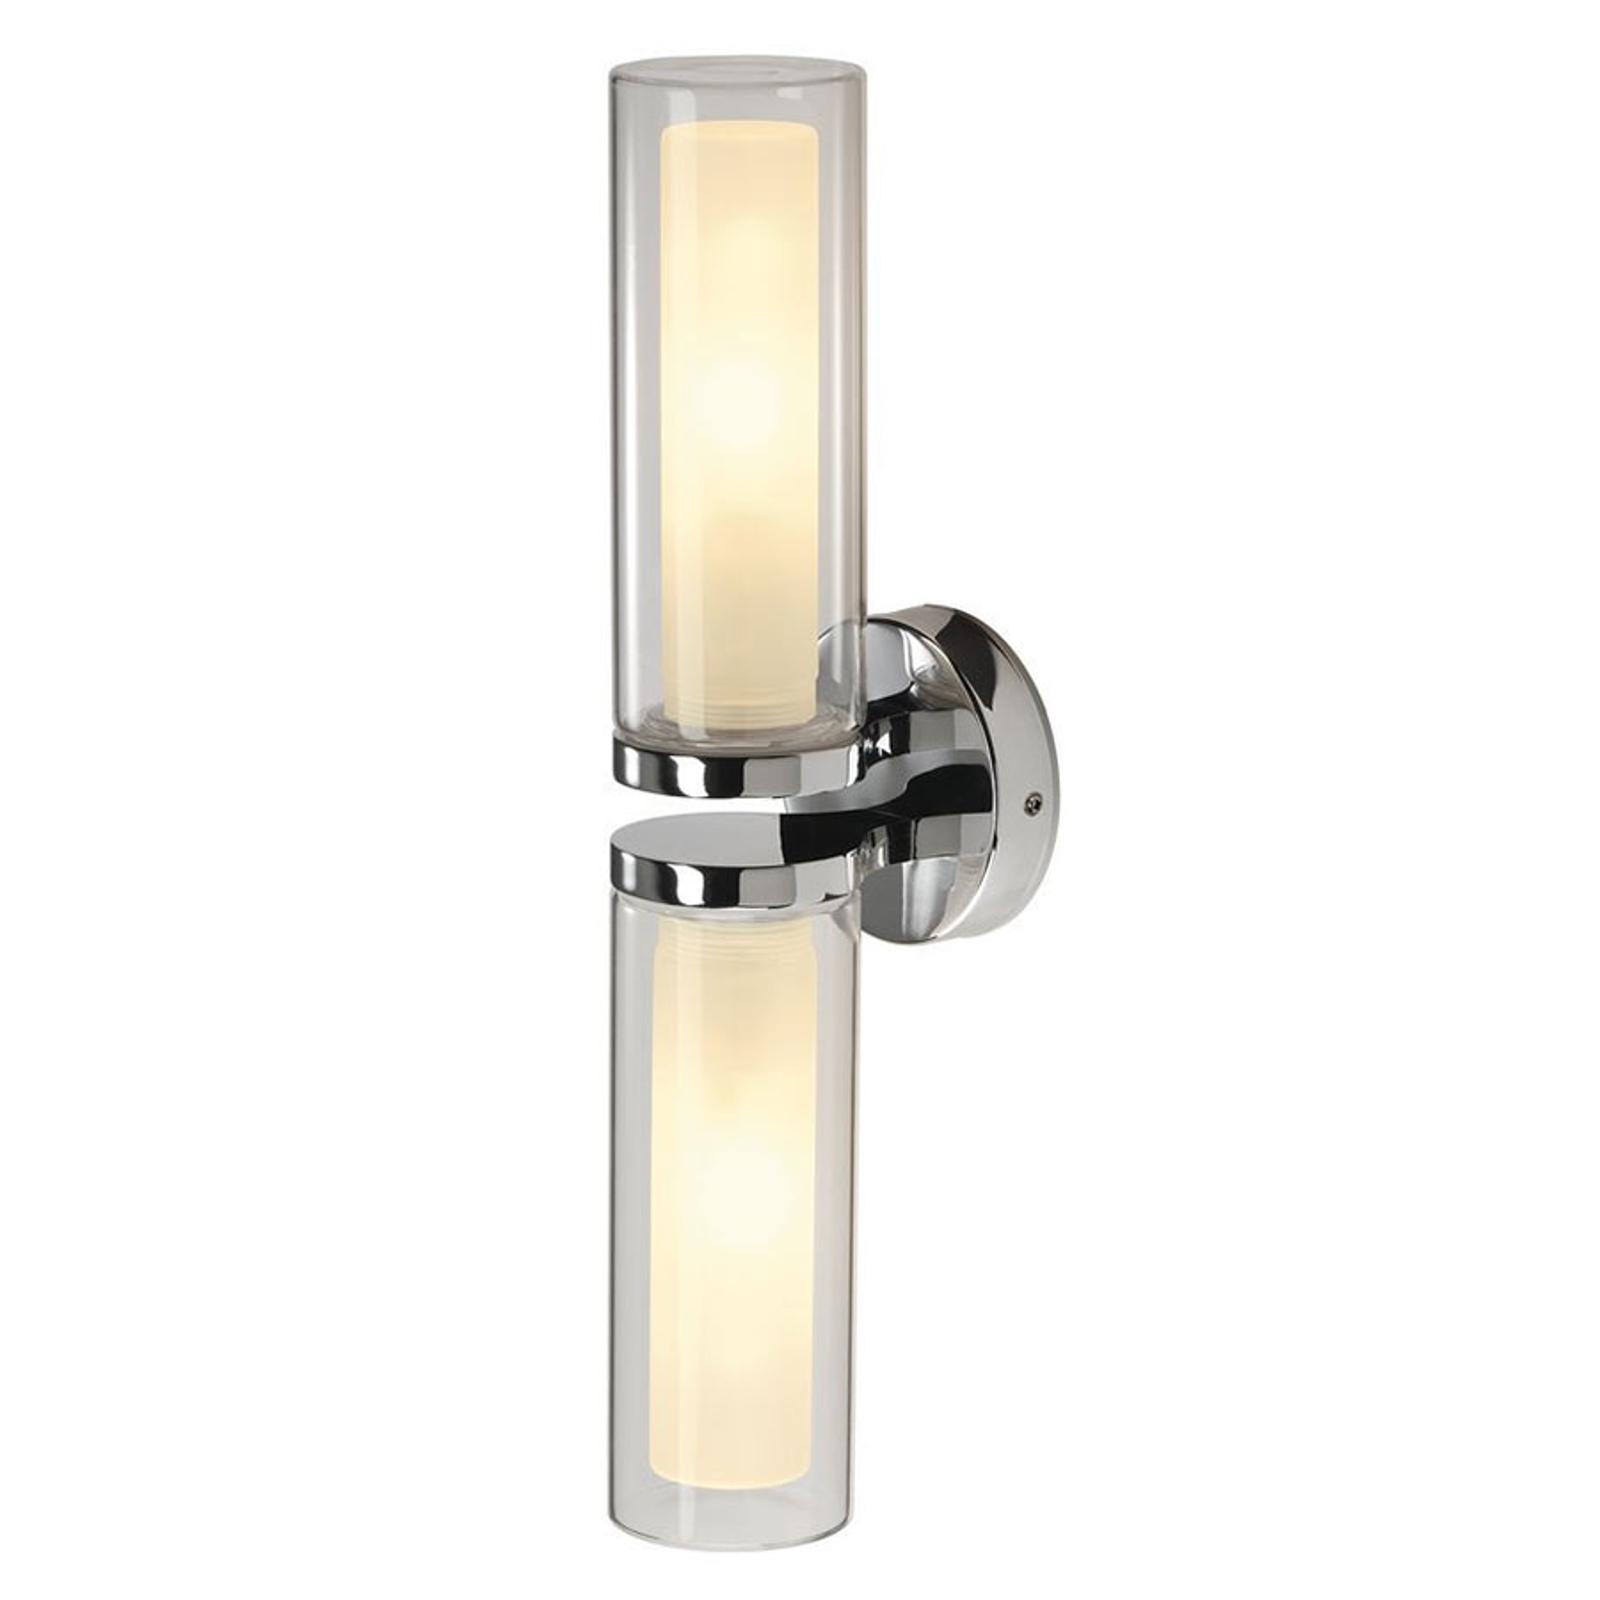 SLV WL 106 væglampe, IP44, 2 lyskilder